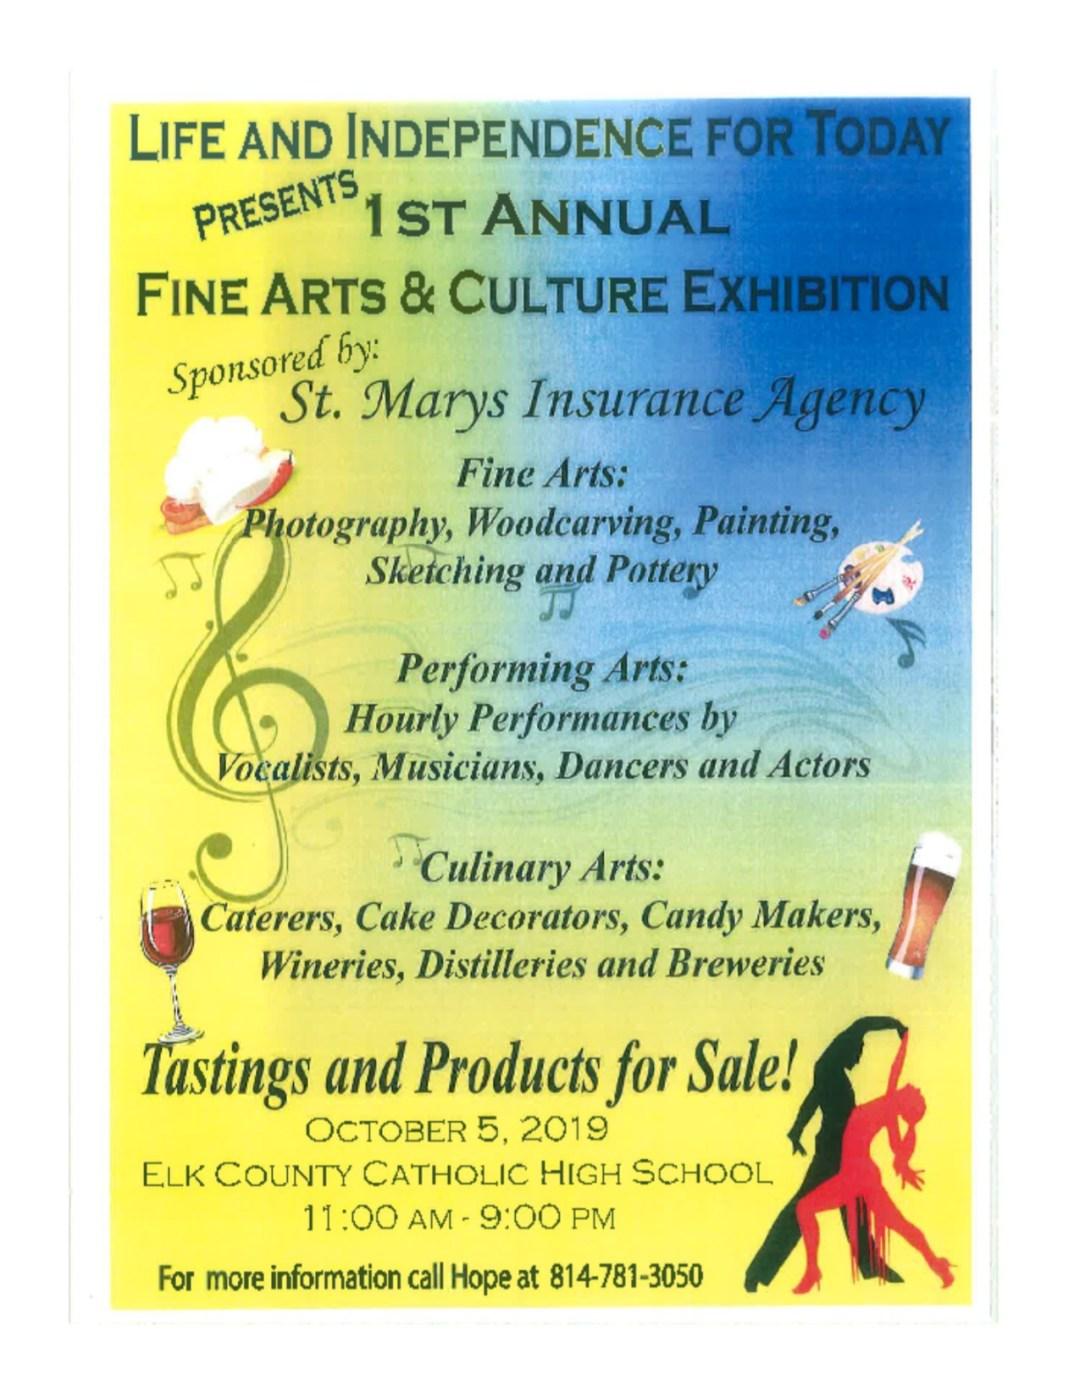 LIFT 1st Annual Fine Arts & Culture Exhibit October 5th at ECCHS!